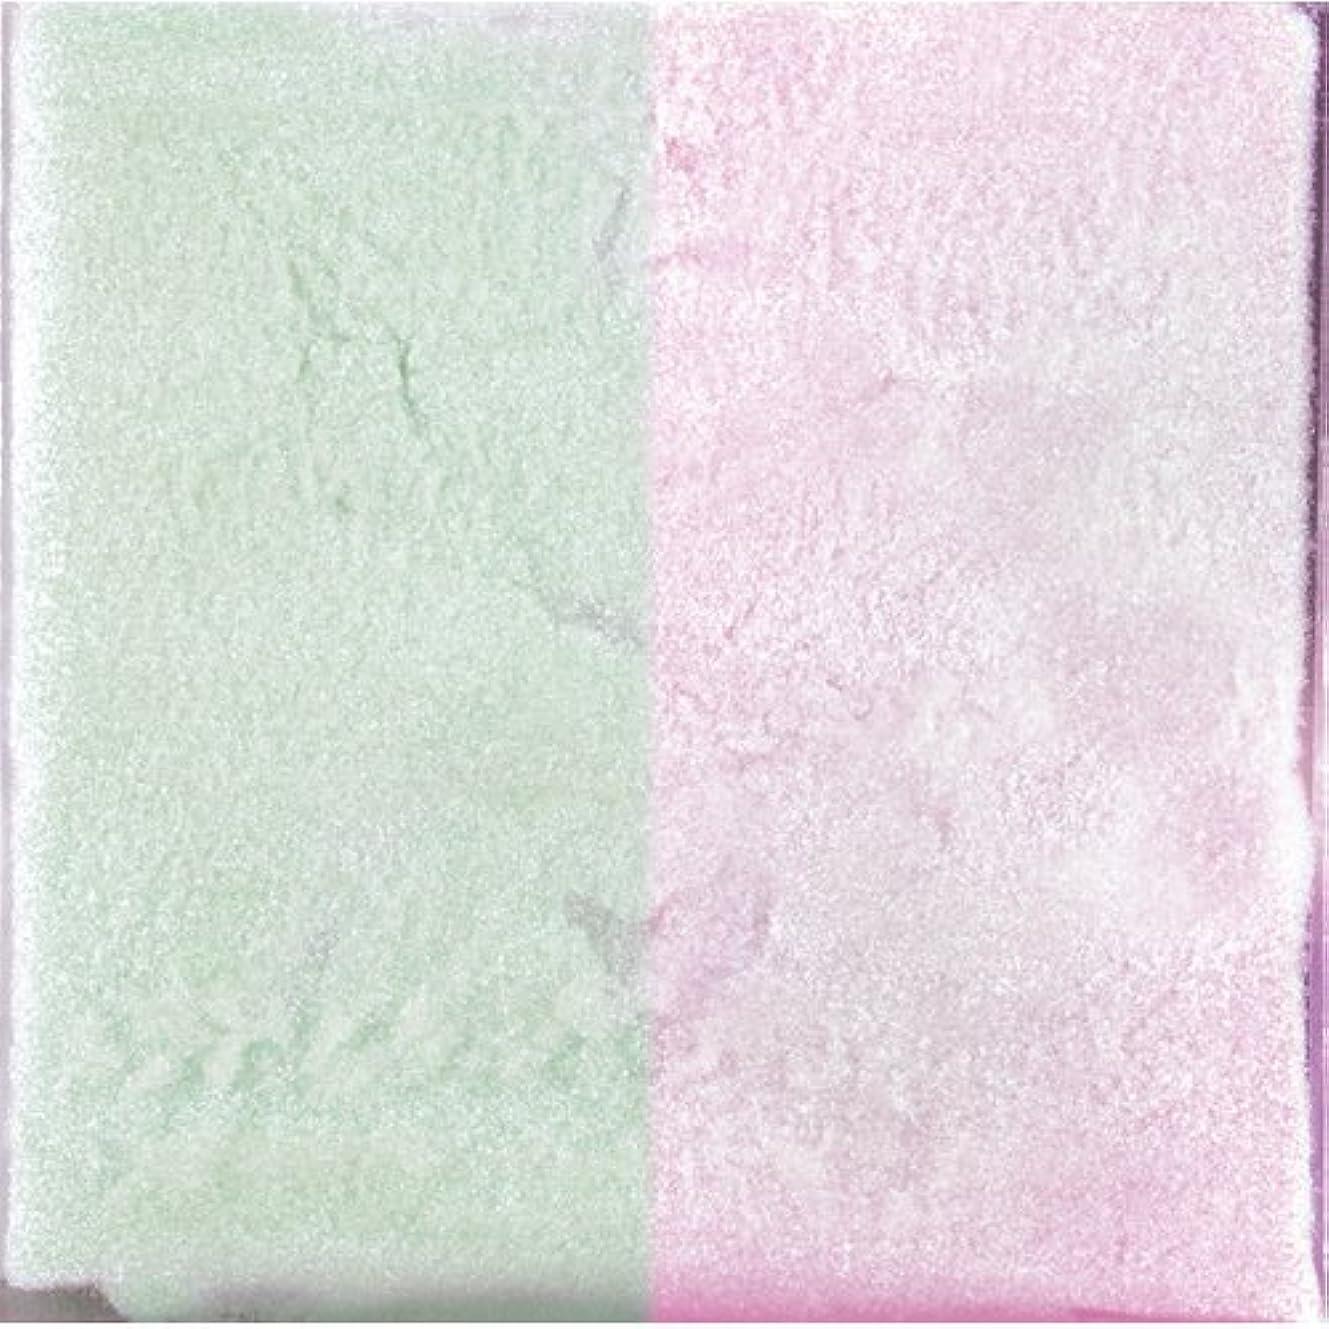 きょうだいゆるく融合ピカエース ネイル用パウダー ピカエース エフェクトフレークH M #402 ピンク 0.4g アート材